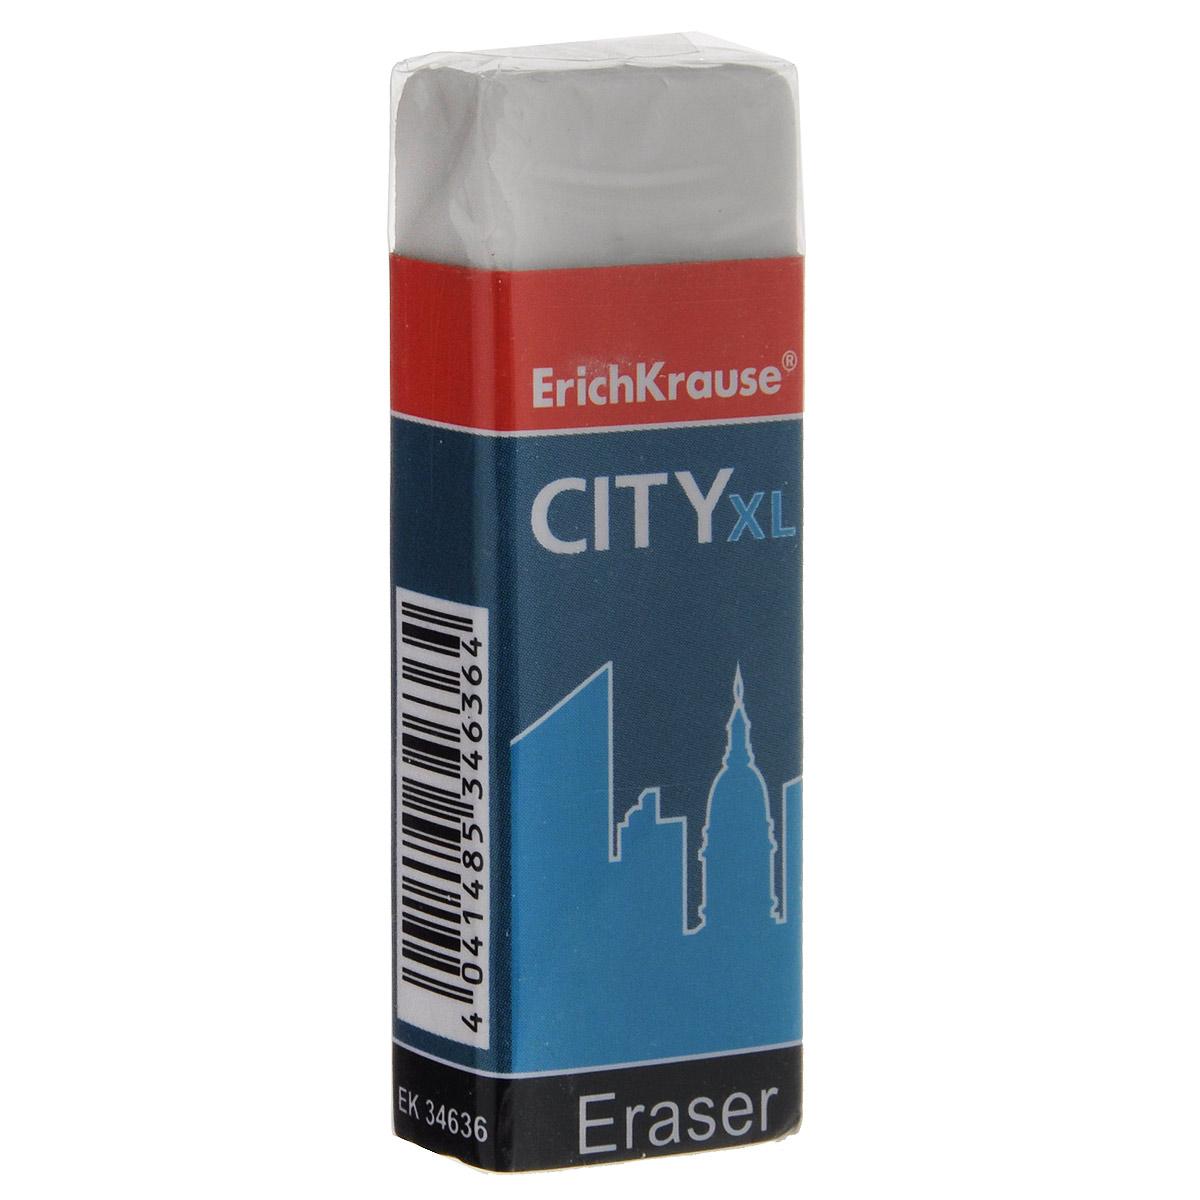 Ластик Erich Krause City XL, цвет: белый34636Ластик Erich Krause City XL станет незаменимым аксессуаром на рабочем столе не только школьника или студента, но и офисного работника.